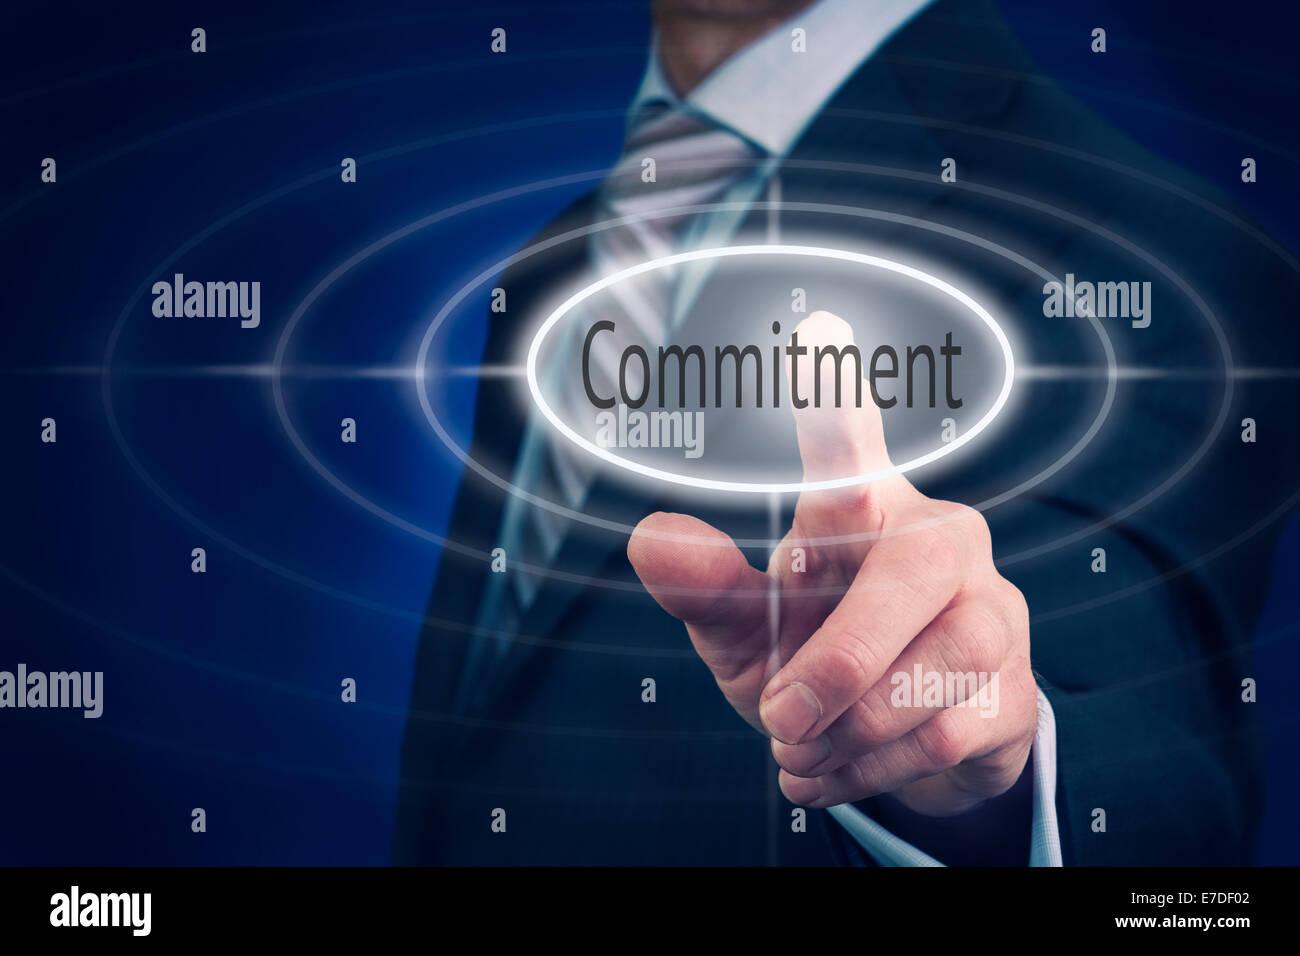 Empresario pulsando un botón el concepto de compromiso. Imagen De Stock